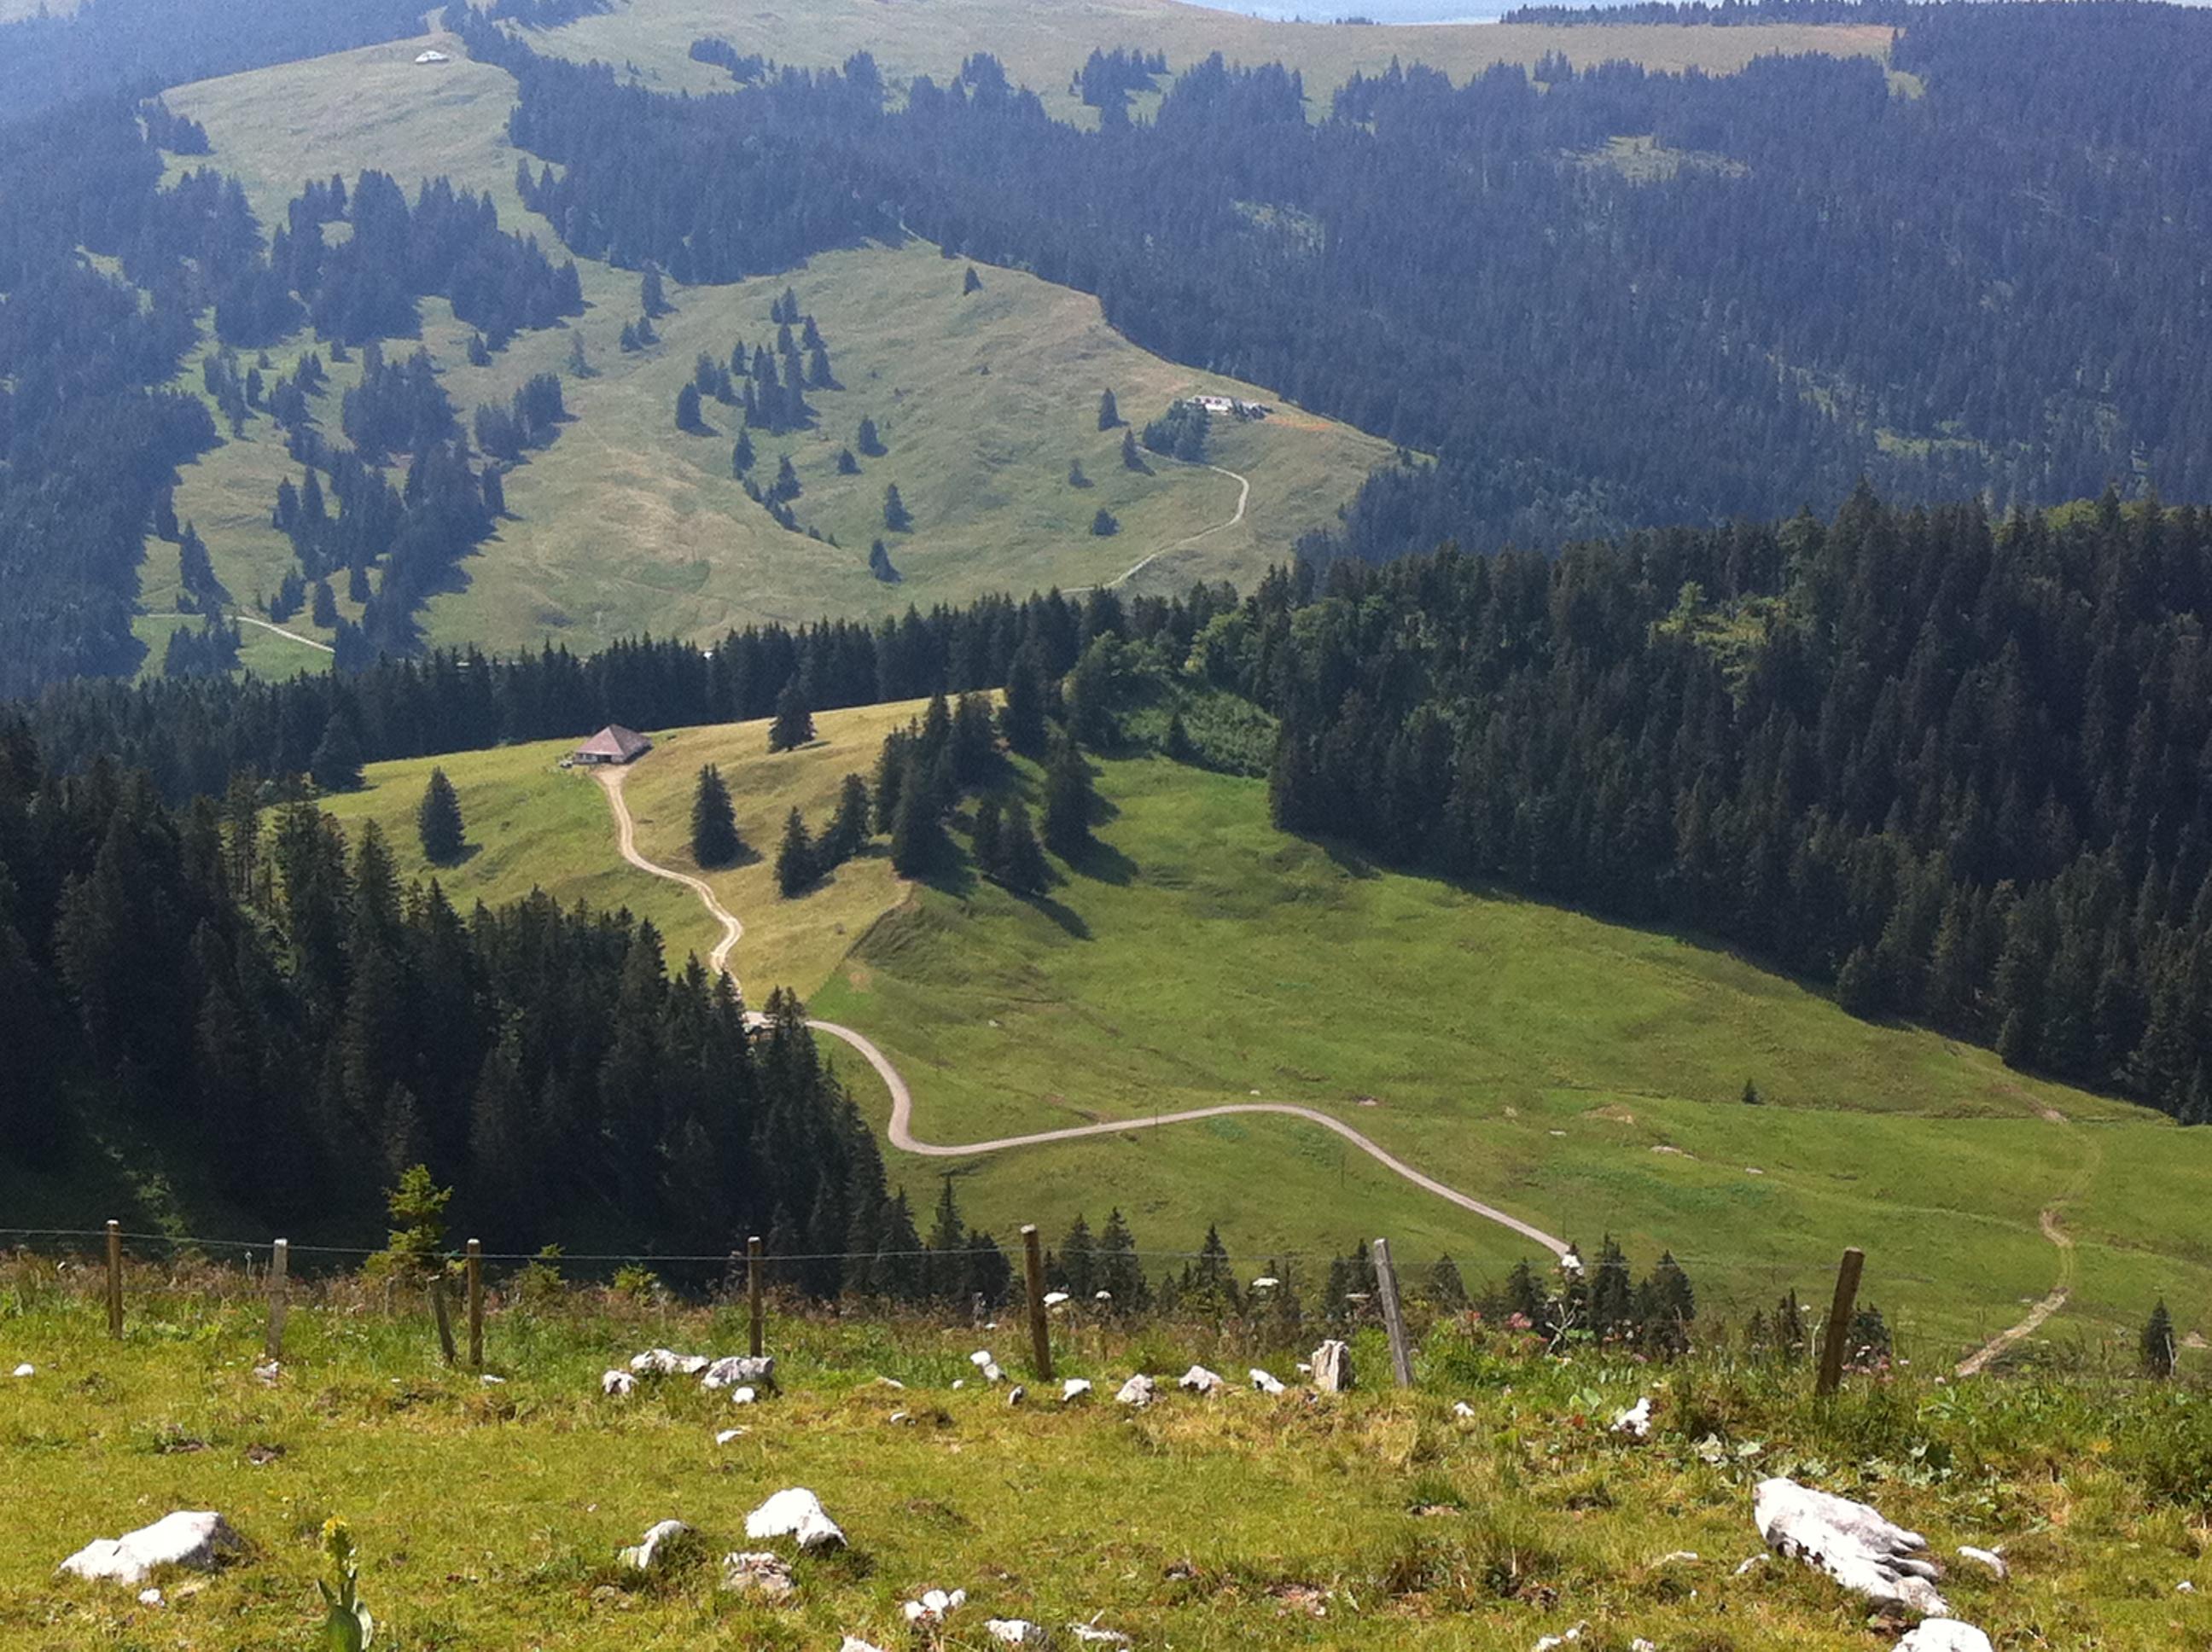 Un petit tour en Suisse? - Page 2 352020174